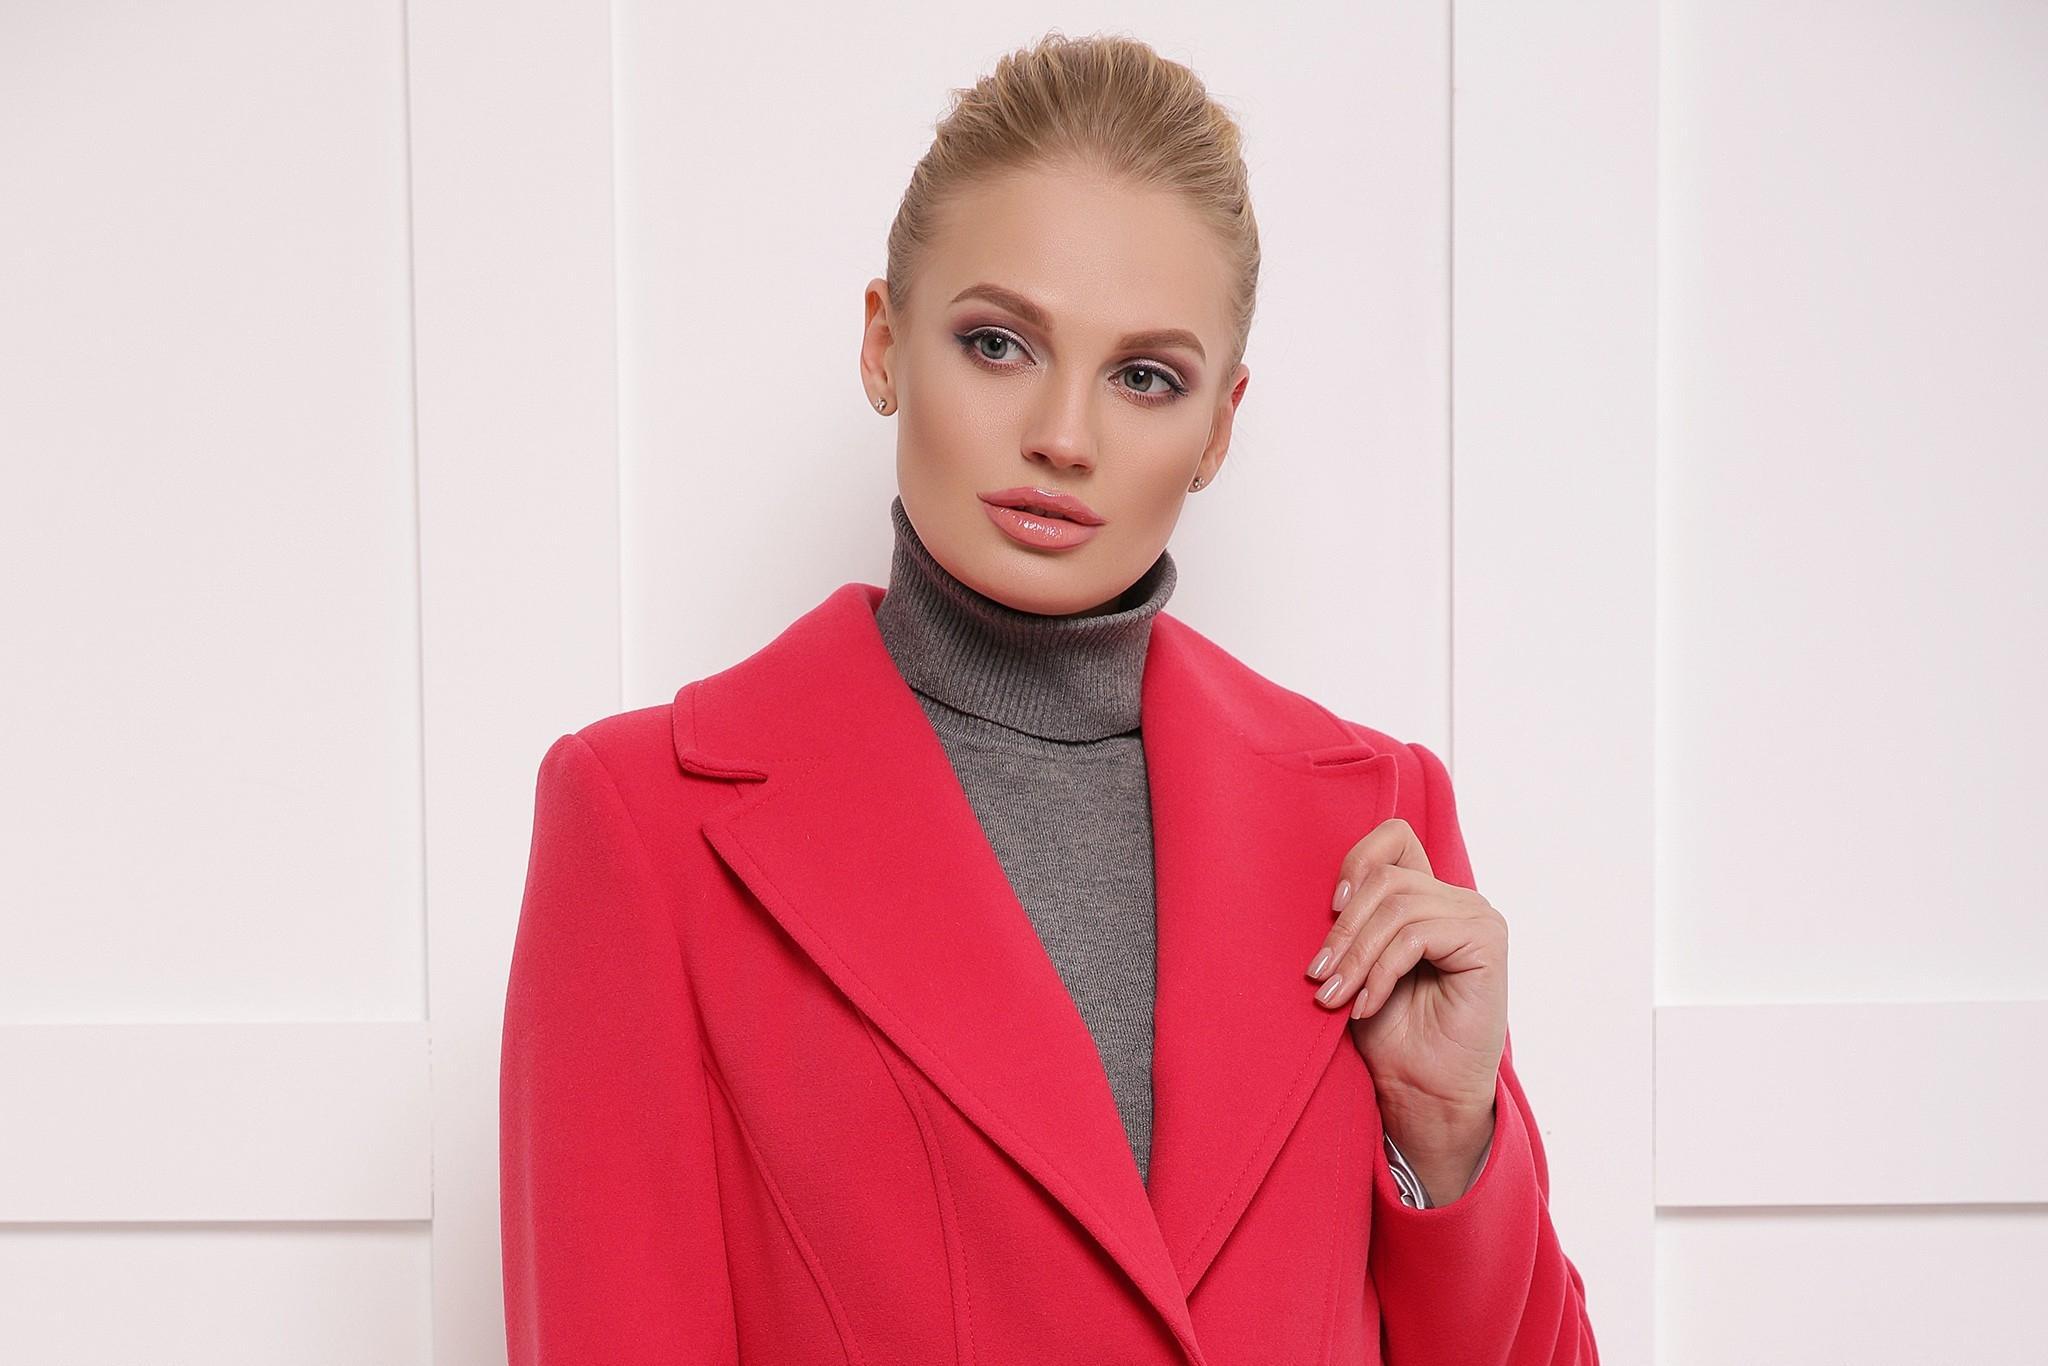 Осенние пальто 2019-2020. Что будет модно в этом сезоне?